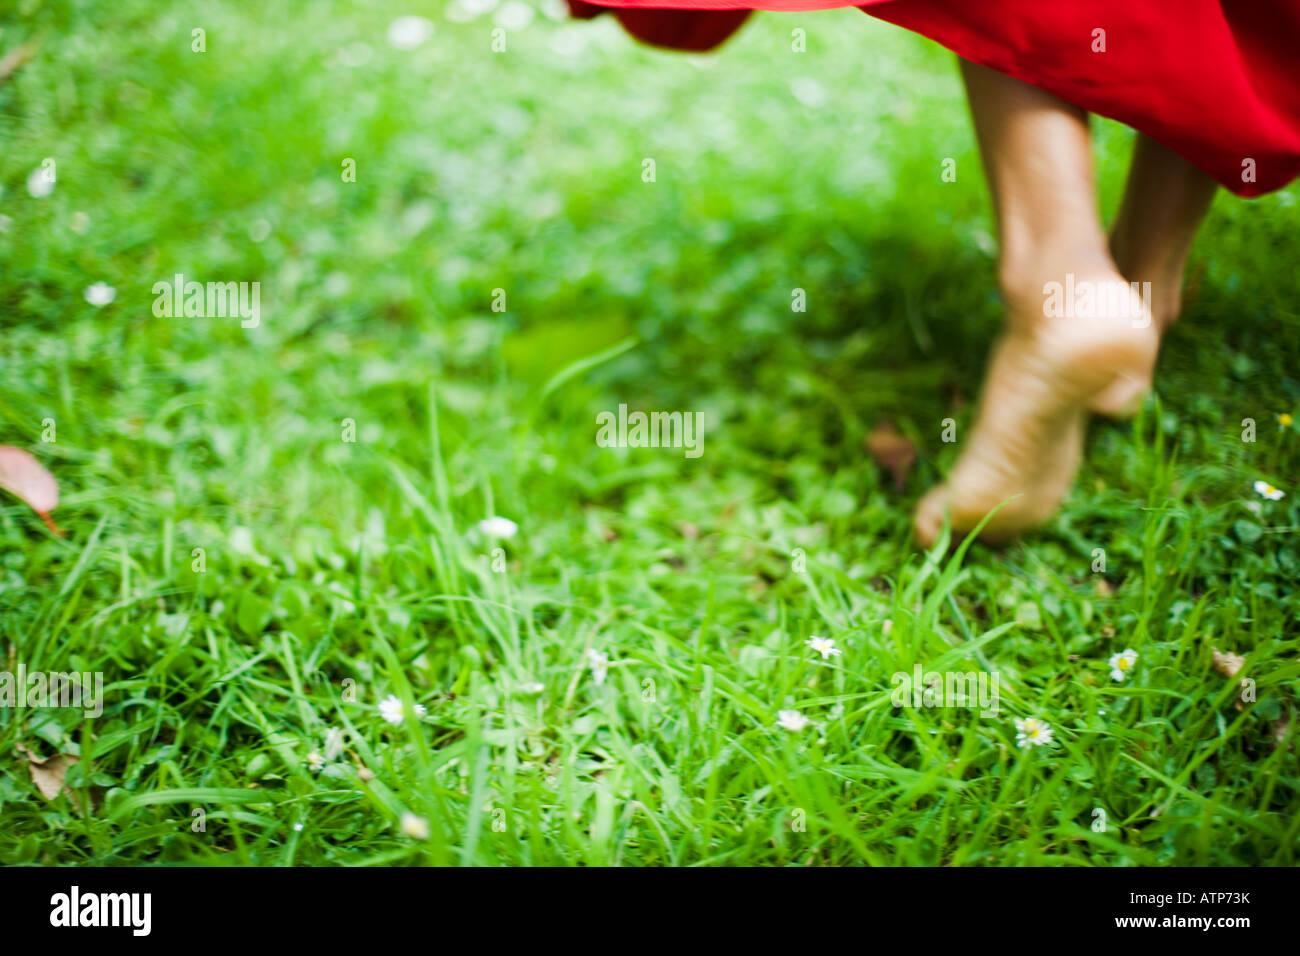 Pies danzantes en rojo sari Imagen De Stock